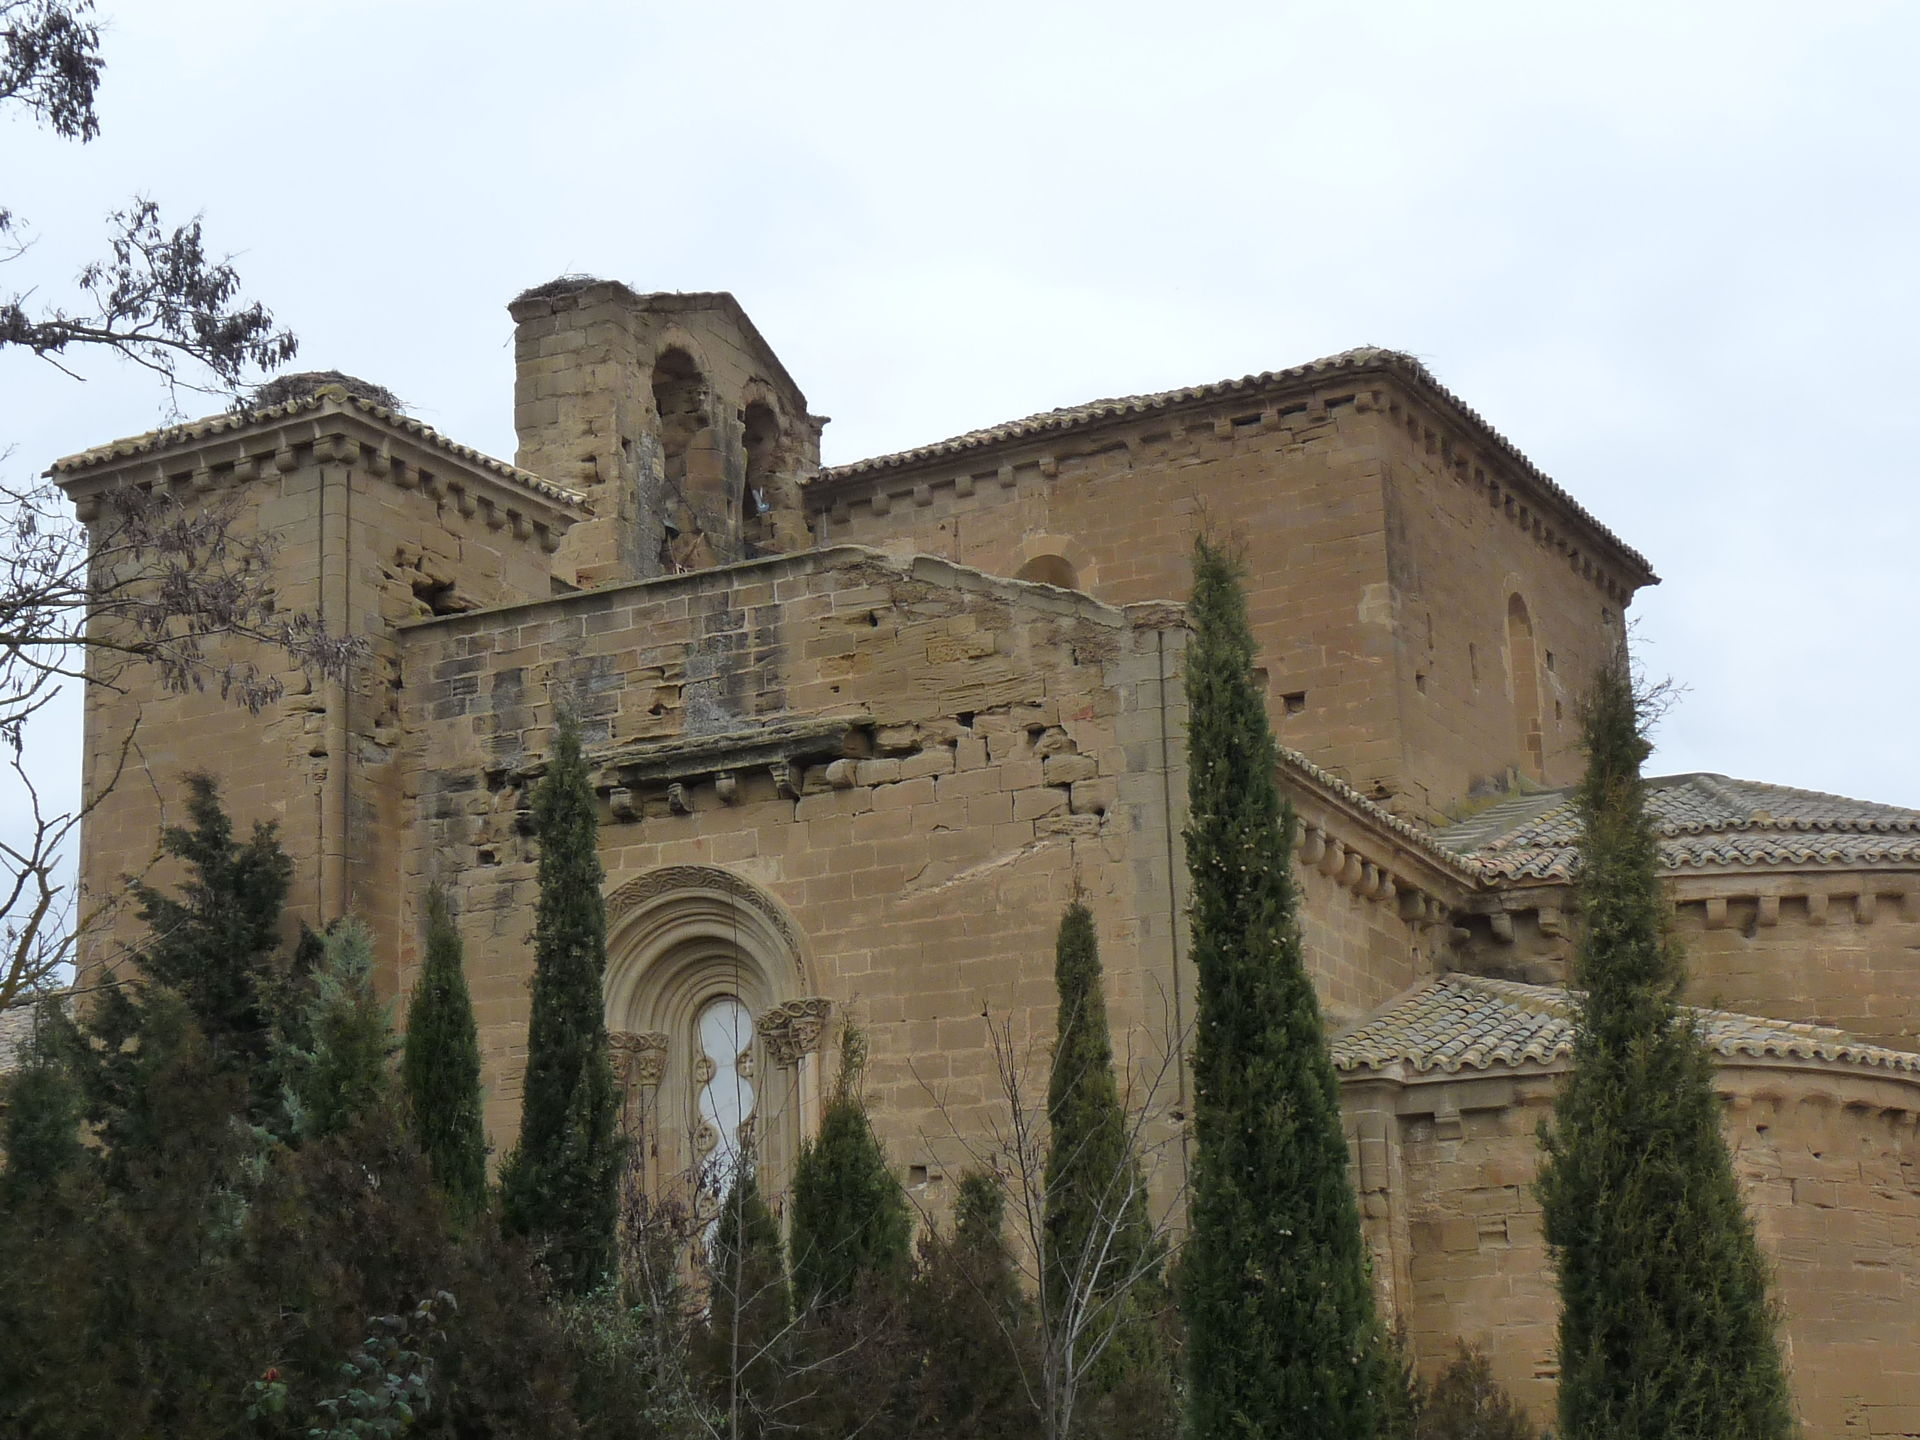 Monasterio medieval de Santa María de Sigena